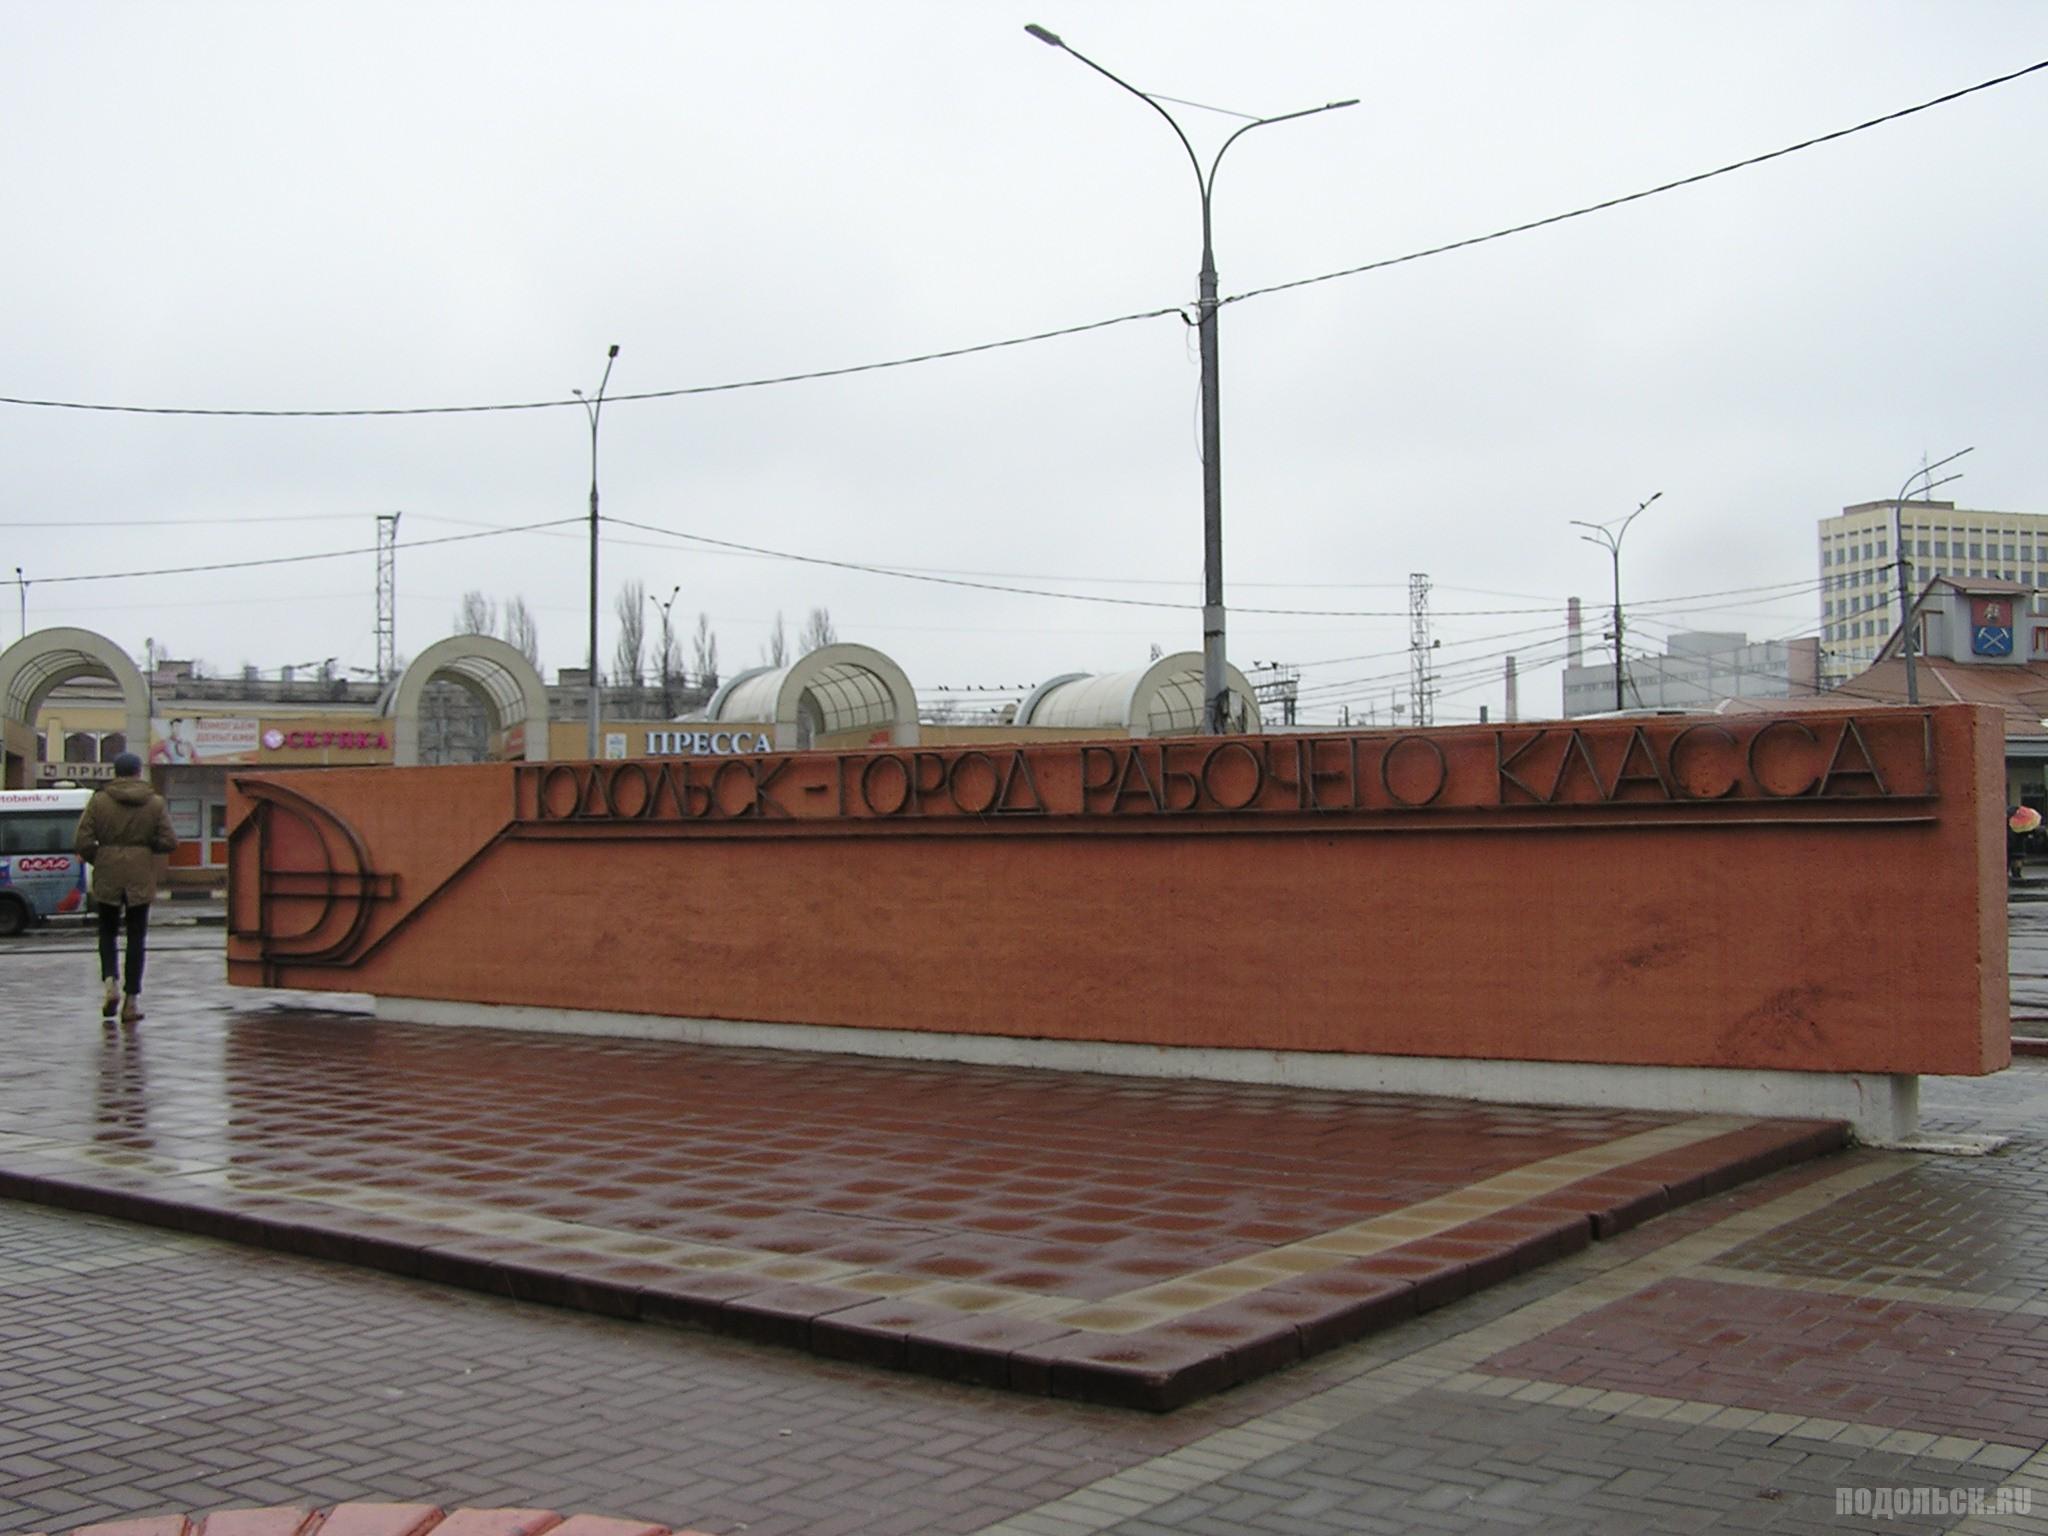 Подольск - город рабочего класса. Вокзальная площадь. 12.03.2016.